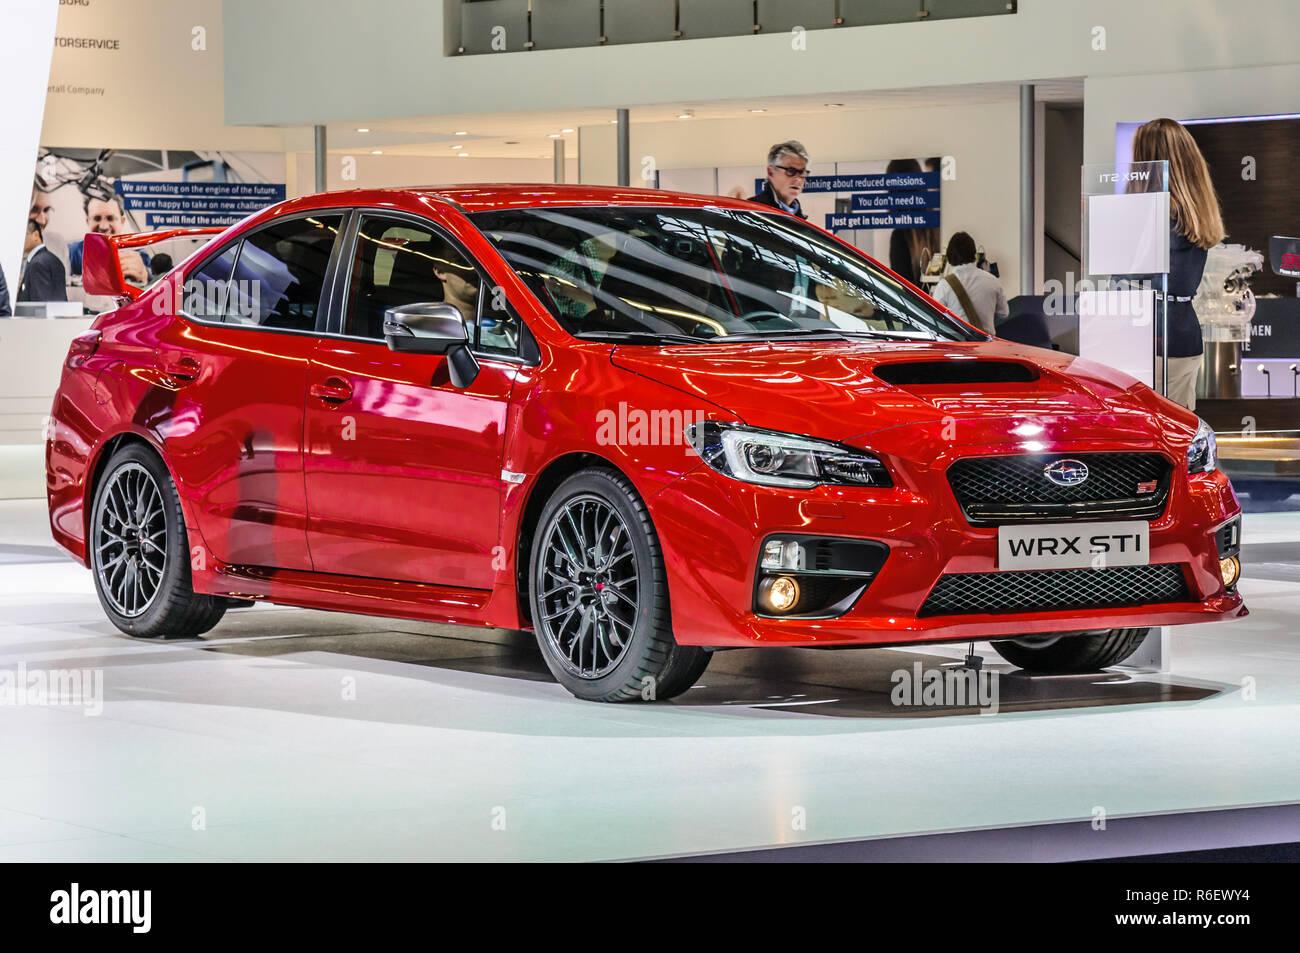 Subaru Wrx Stock Photos & Subaru Wrx Stock Images - Alamy